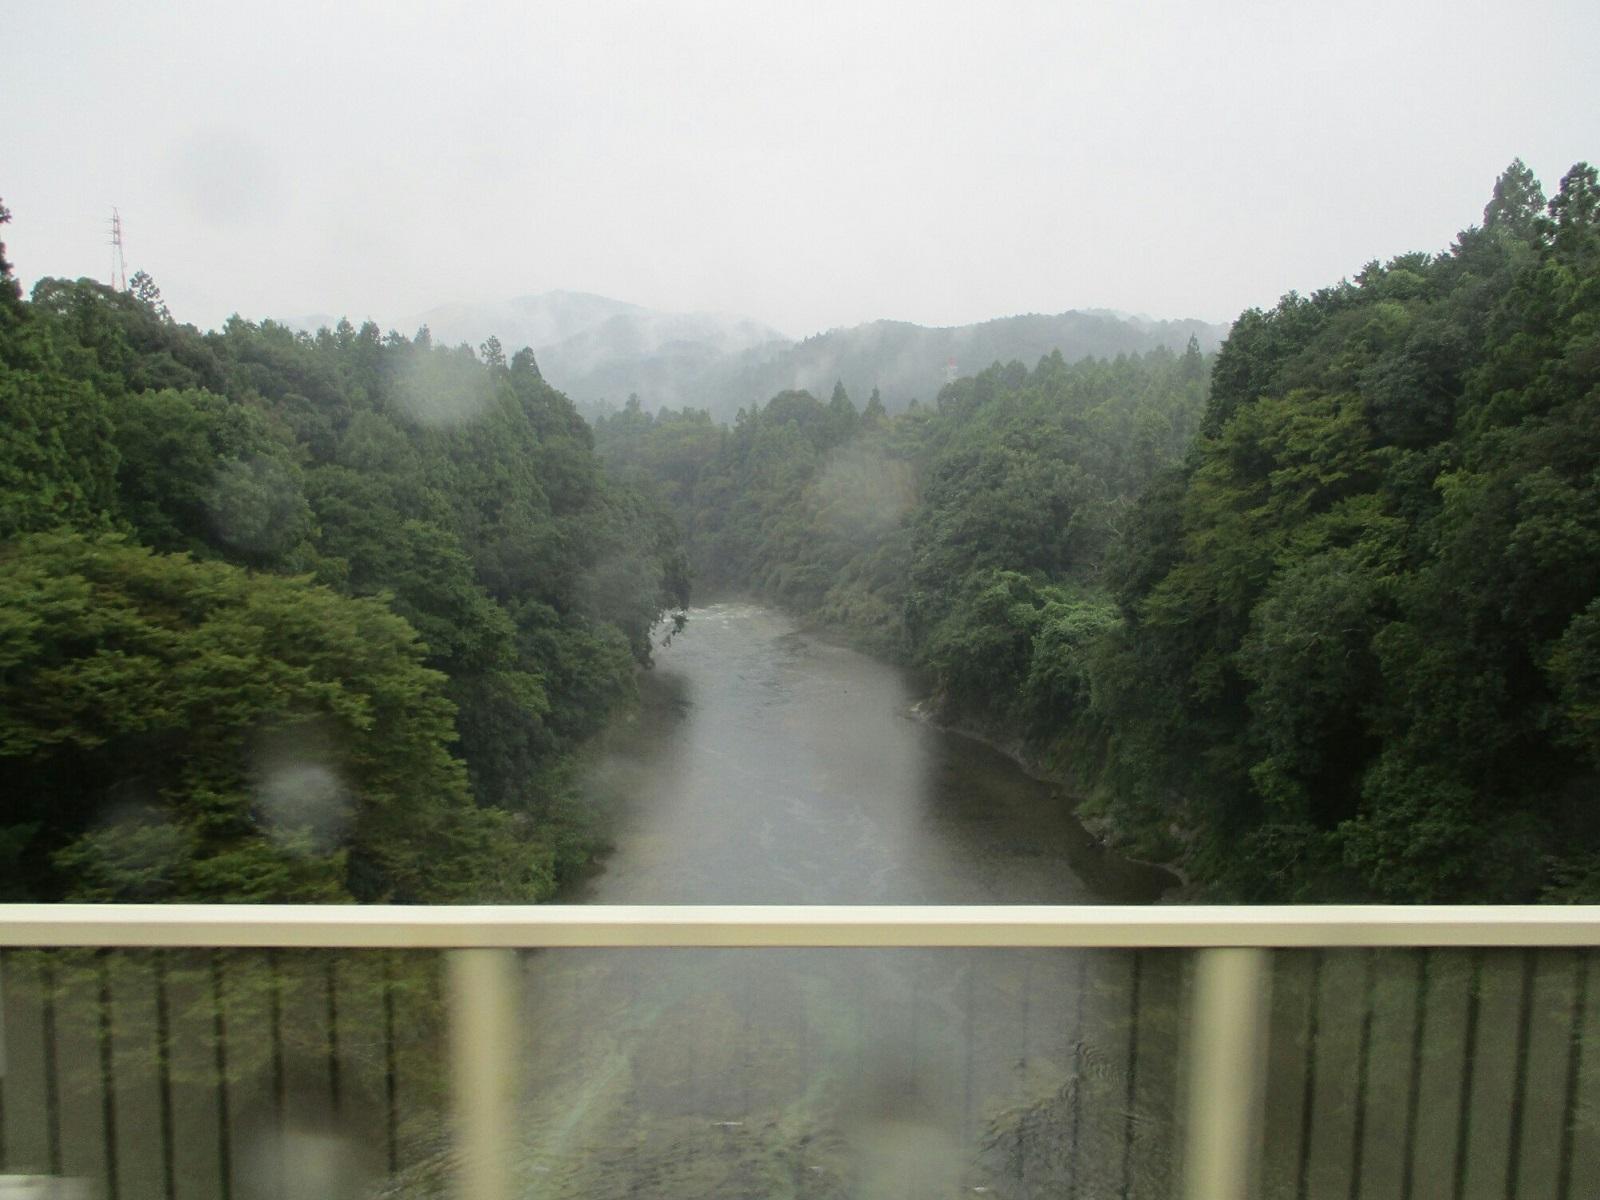 2018.9.20 (20) 豊鉄バス - 渓谷 1600-1200